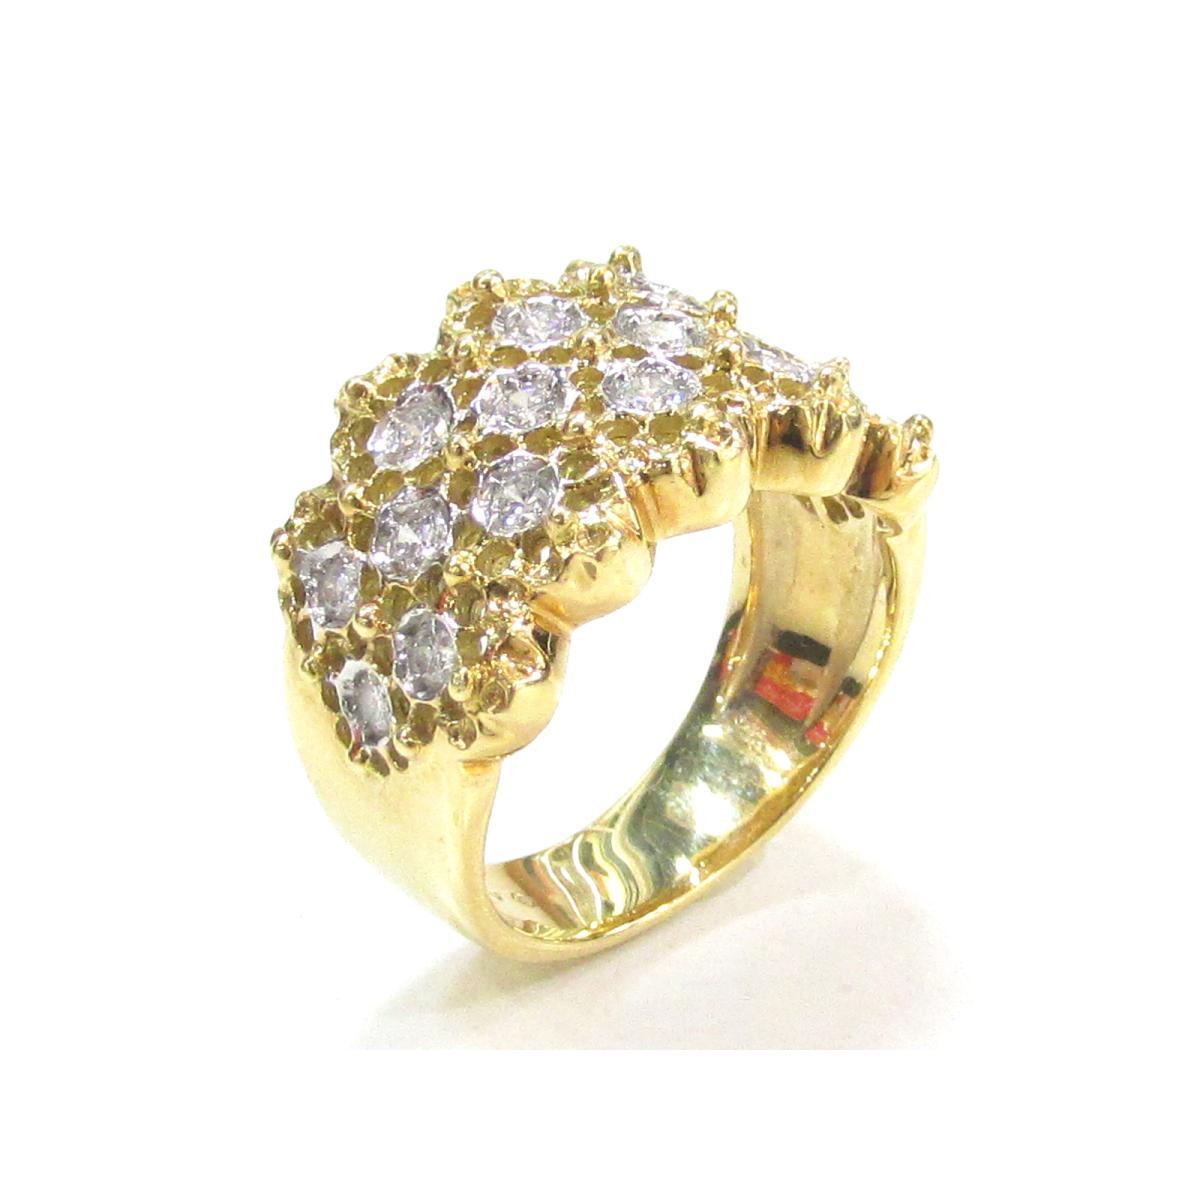 【最大24回無金利】 ポンテヴェキオ ダイヤモンドリング 指輪 レディース K18YG (750) イエローゴールドxダイヤモンド (0.50ct) 【中古】 | Ponte Vecchio BRANDOFF ブランドオフ ブランド ジュエリー アクセサリー リング